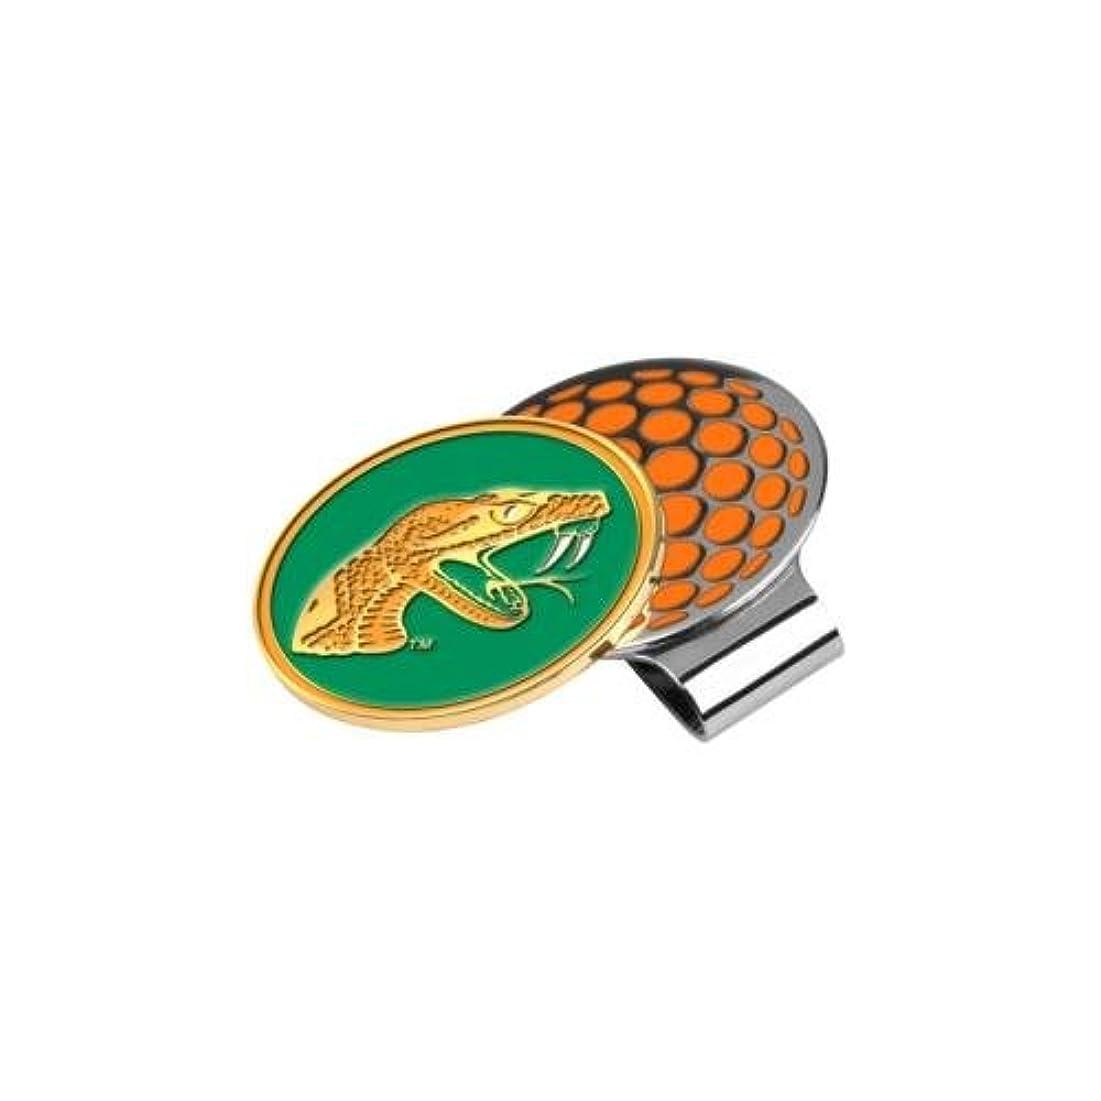 悪魔北方ワインFlorida A & M Rattlers Golf Hat Clip & Ball Marker